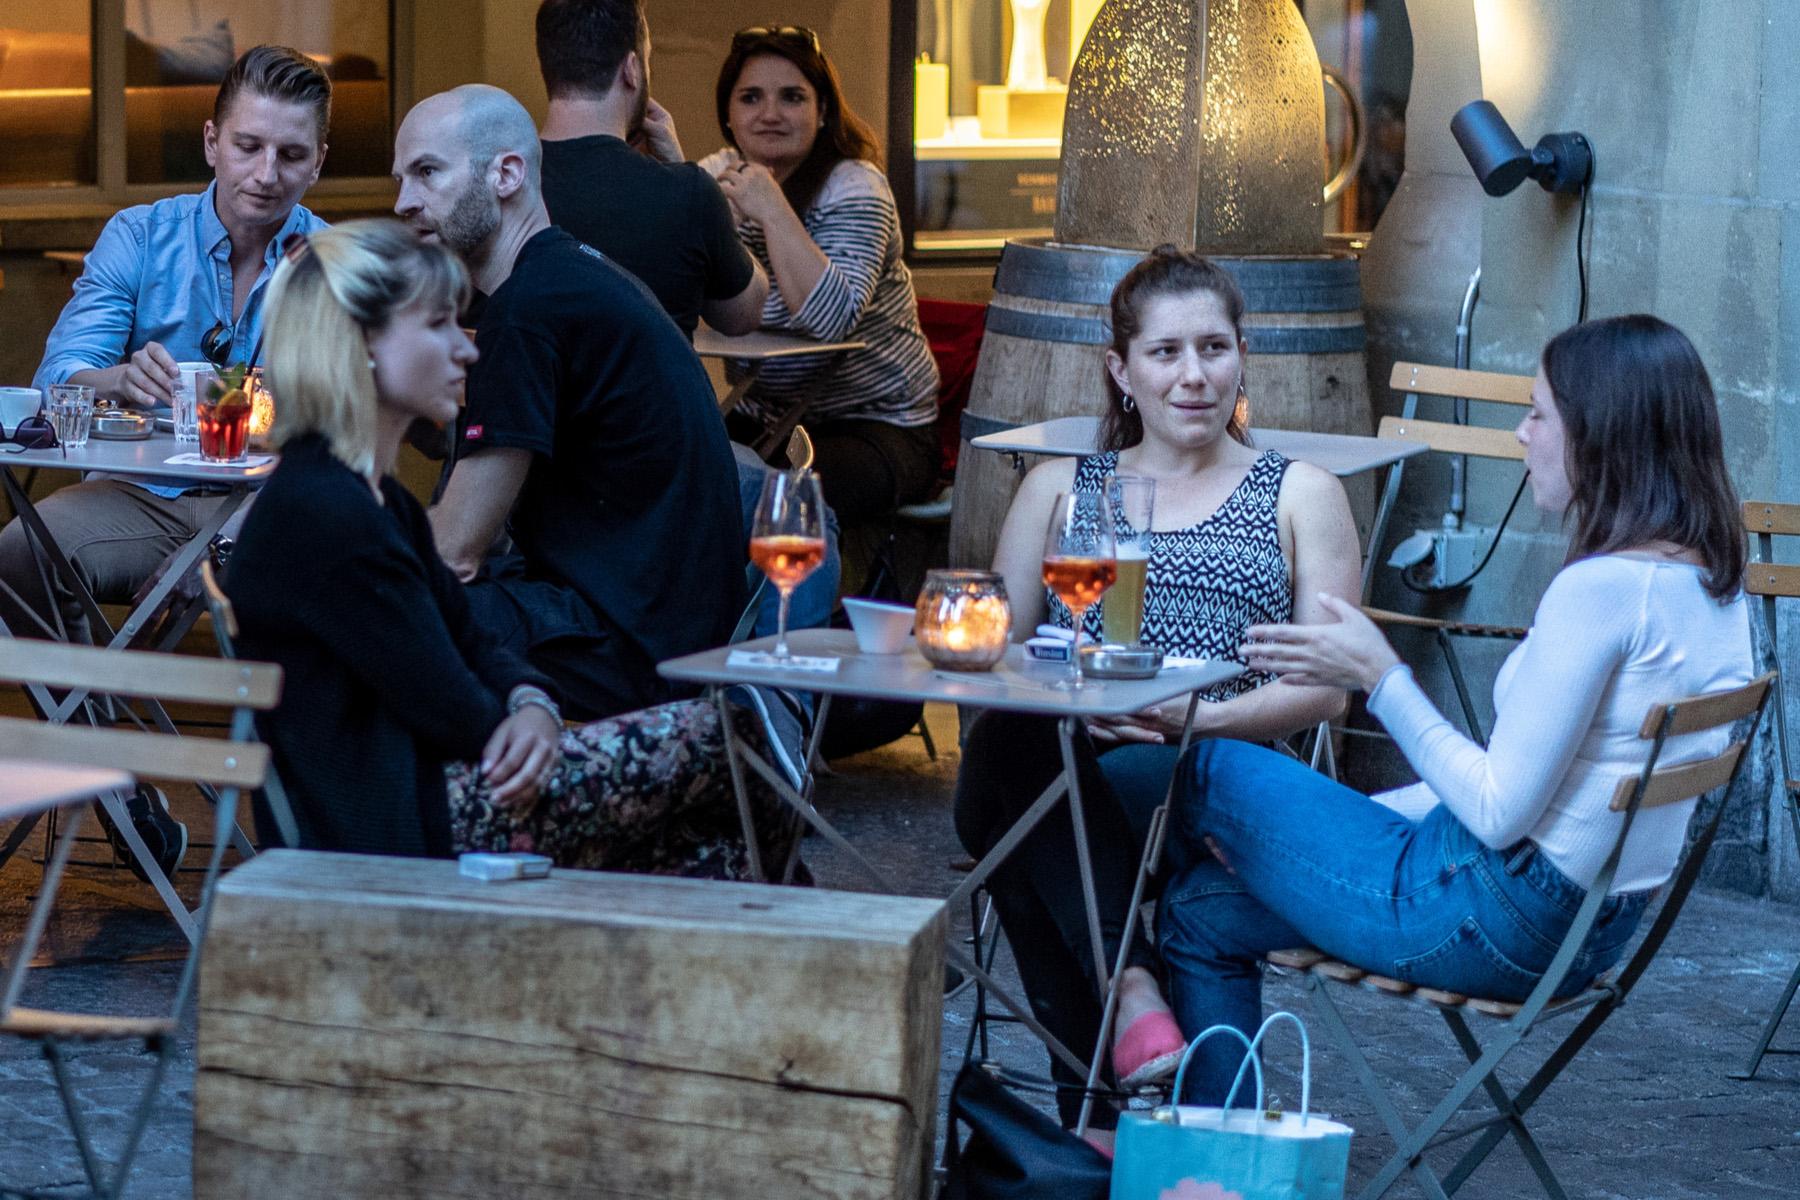 Friends talking over drinks on a terrace